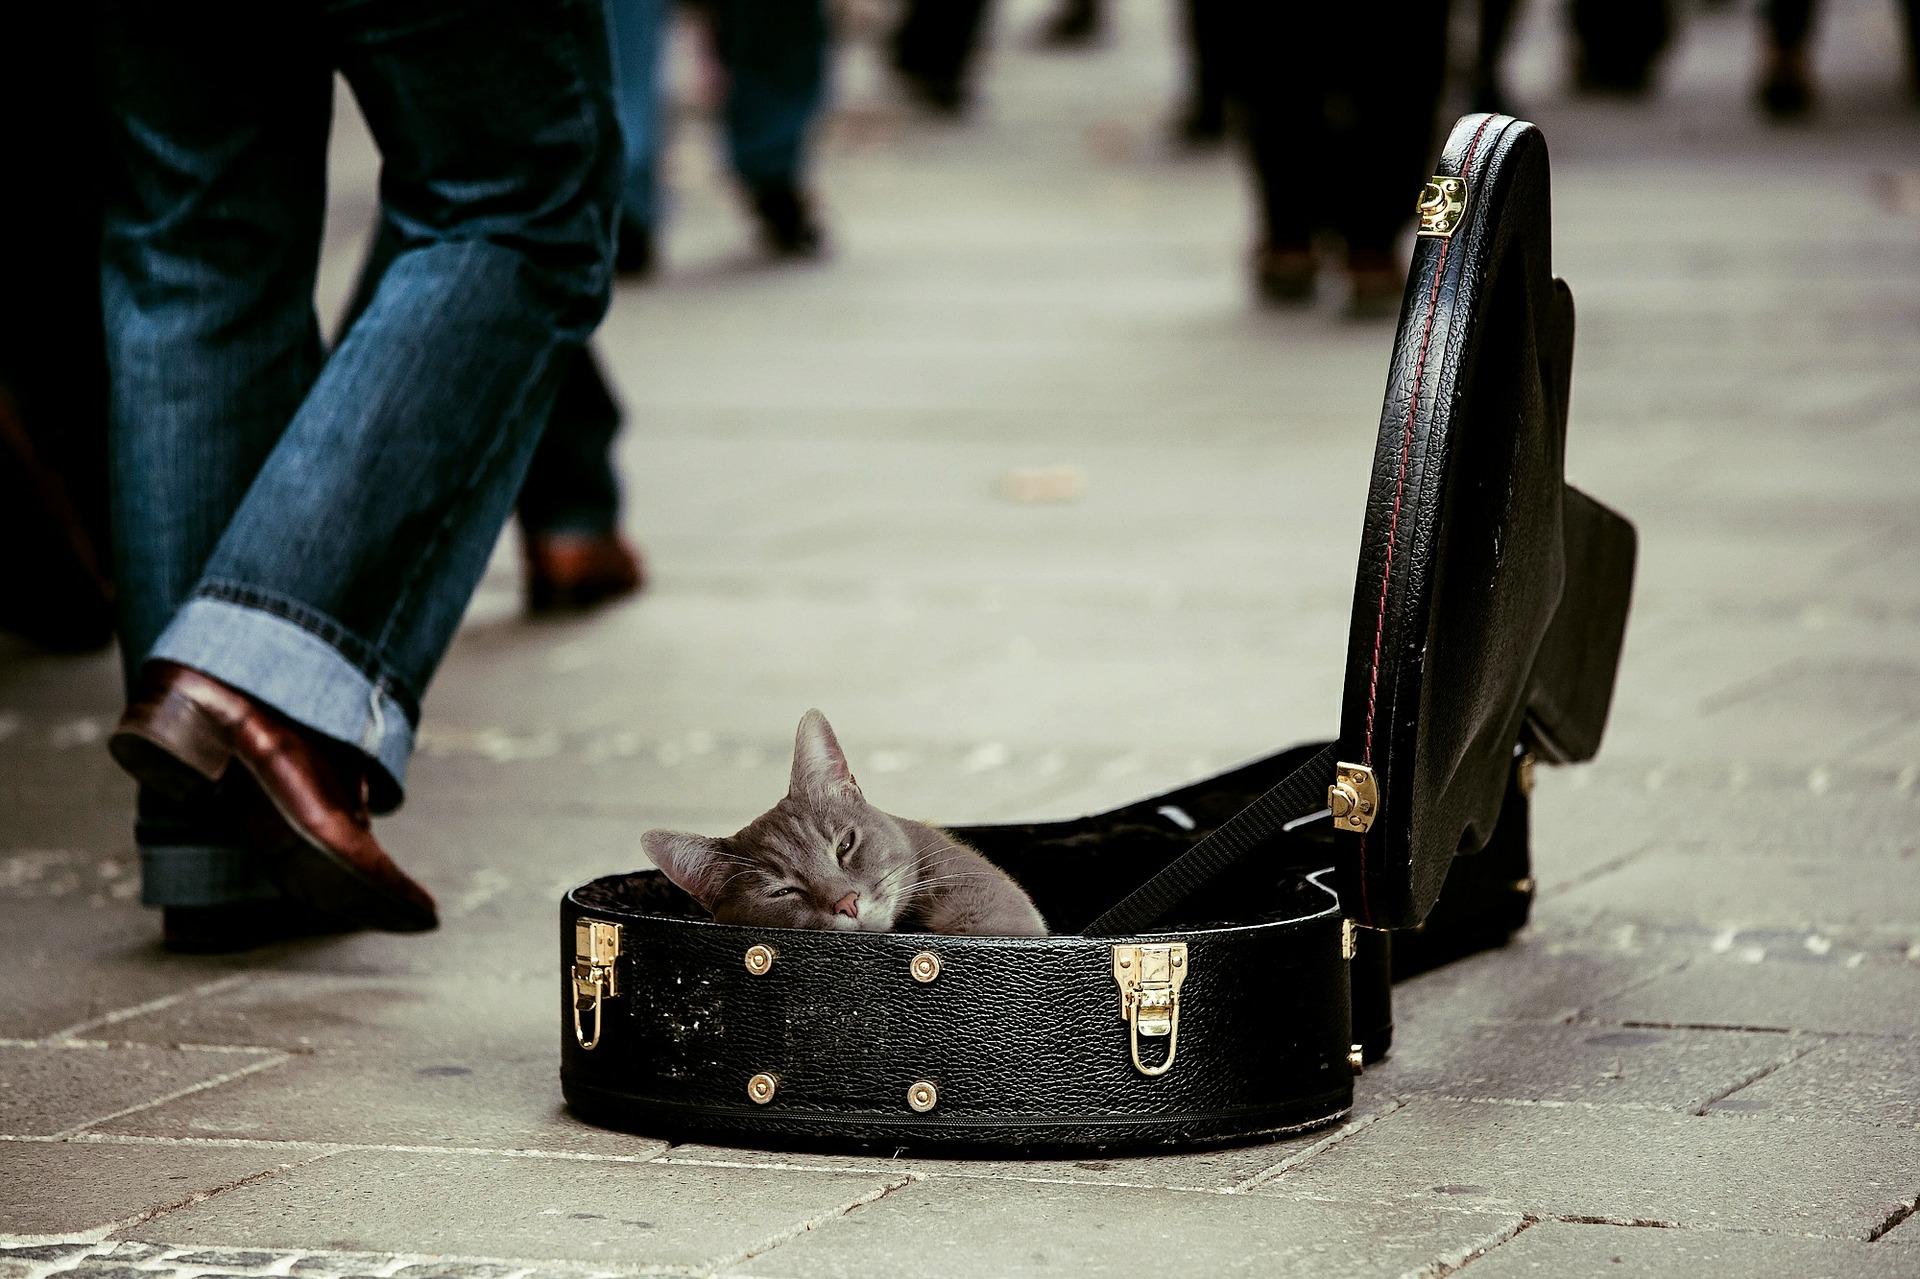 מה אתם צריכים לדעת על תחזוקת גיטרות